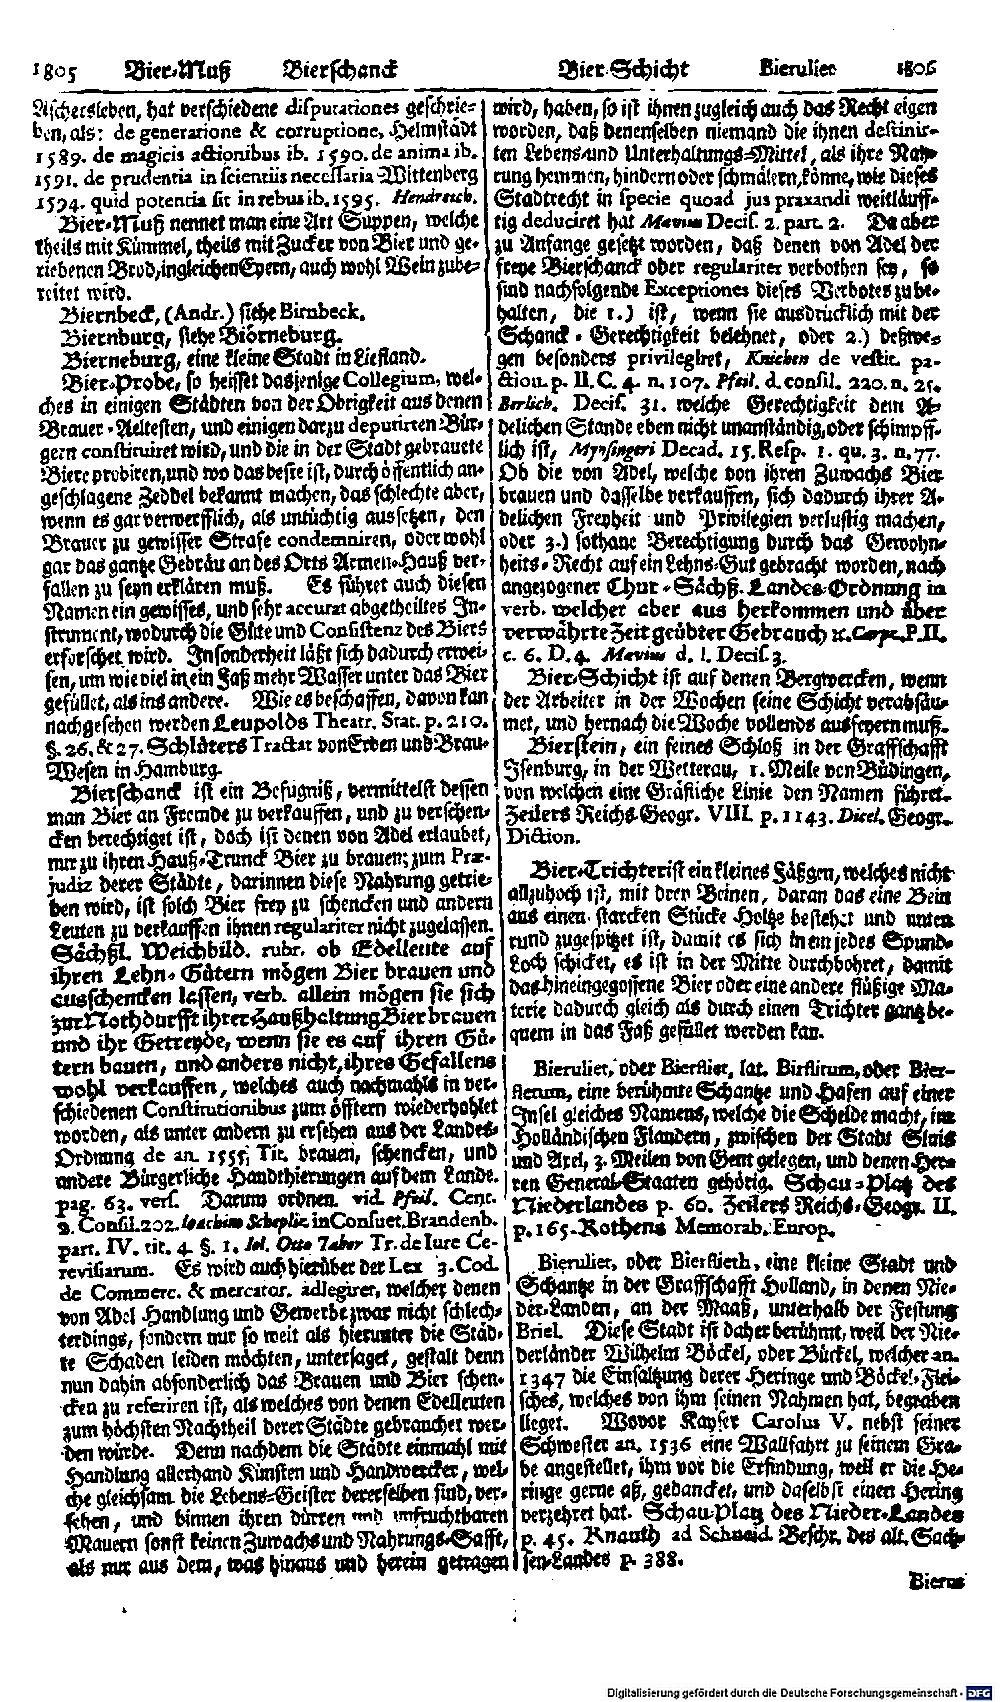 Bd. 03, Seite 0914.